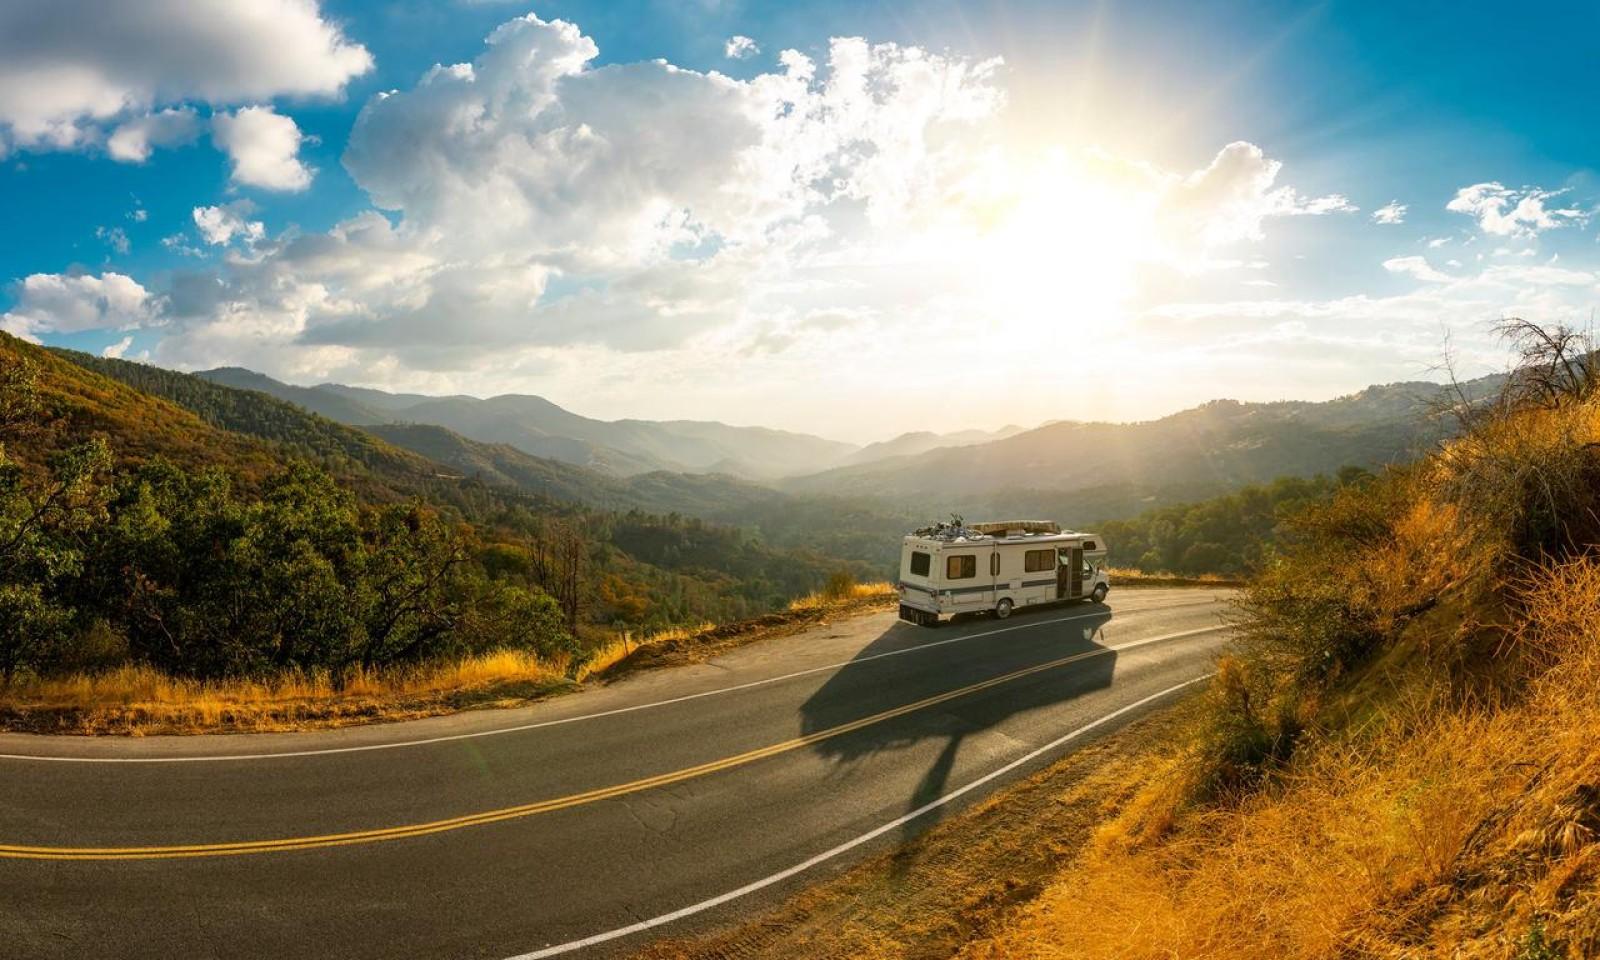 Roadtrip por Portugal: vamos conhecer a famosa Nacional 2?